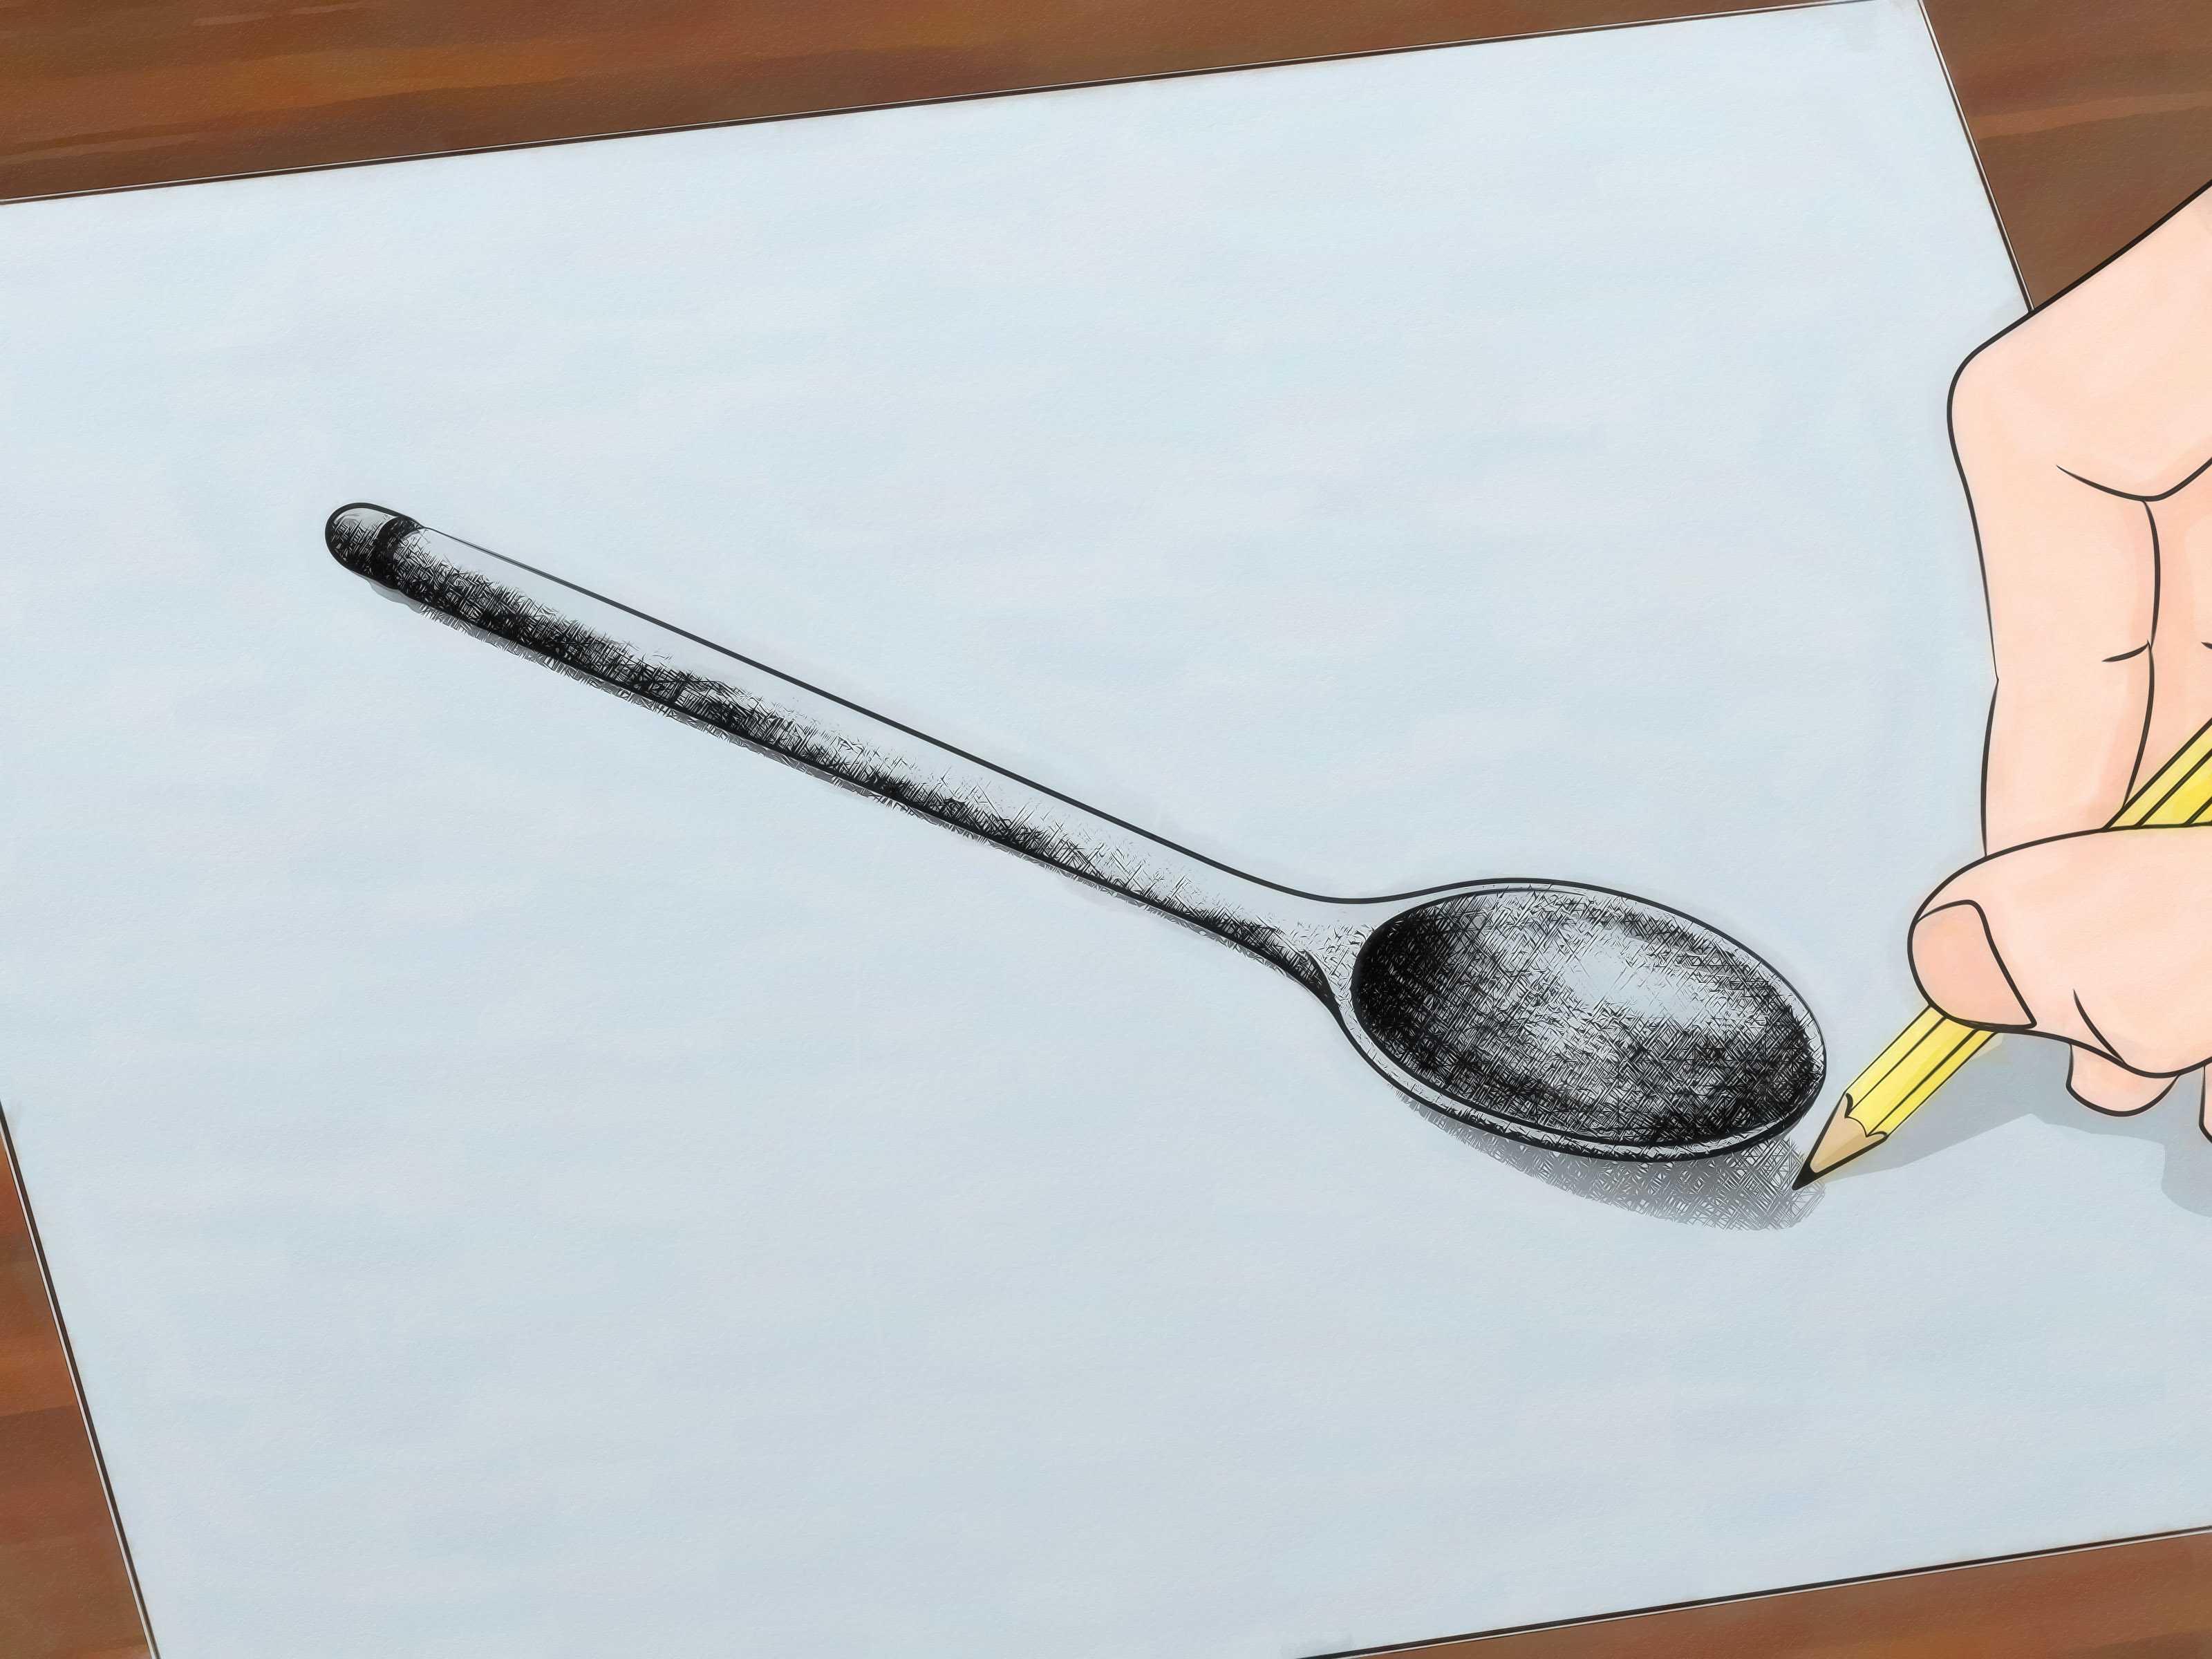 Арты для срисовки - лучшие картины от мастеров и пошаговые инструкции для начинающих (115 фото)